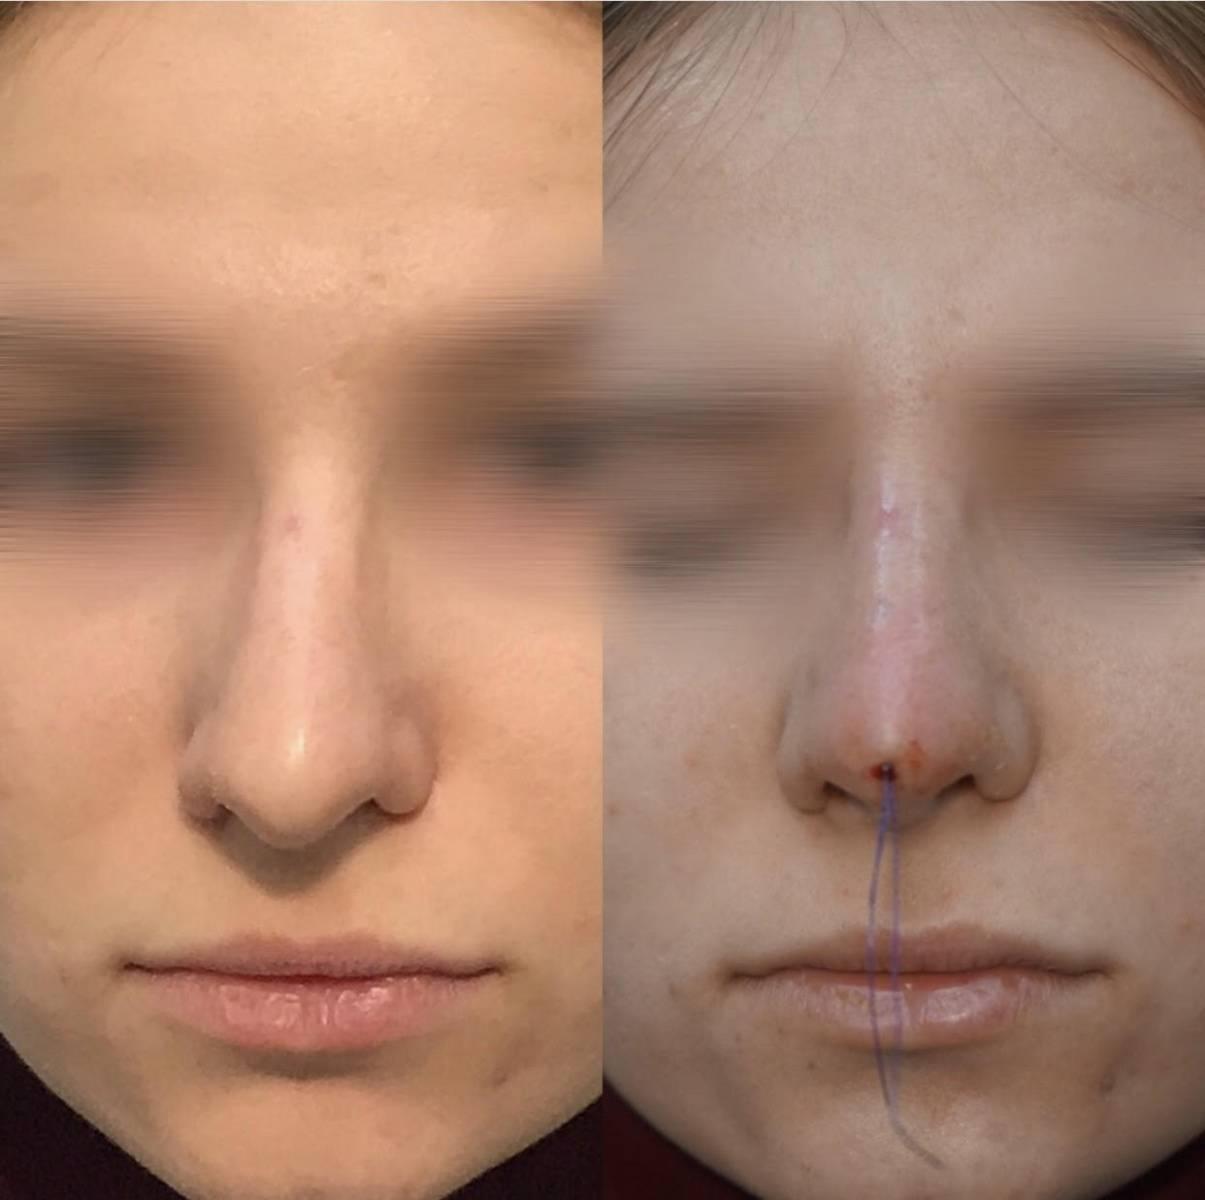 Макияж в помощь: как визуально уменьшить нос